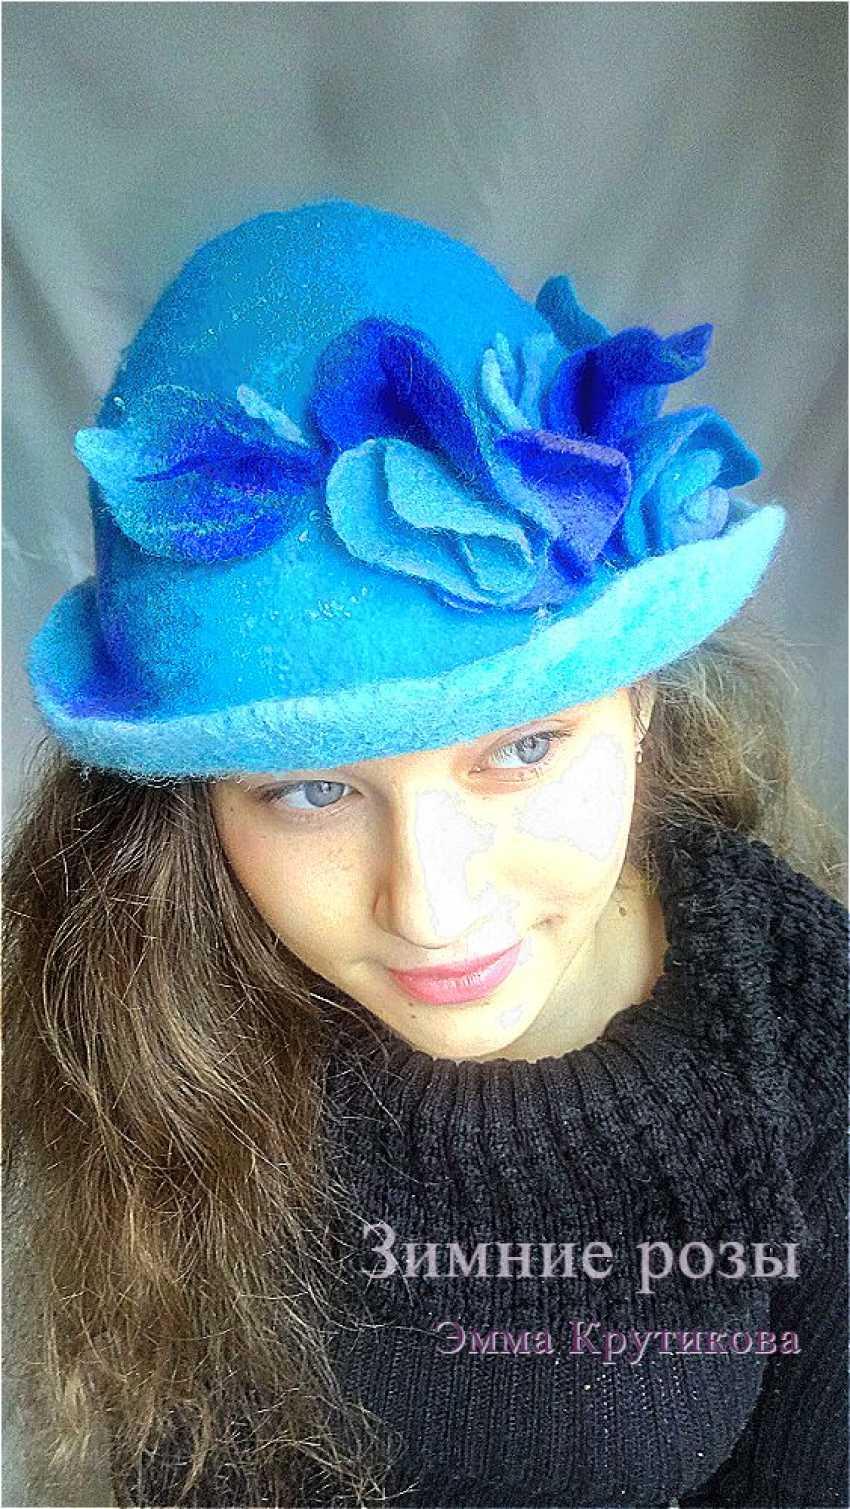 Emma Krutikova. Hat Winter roses - photo 1